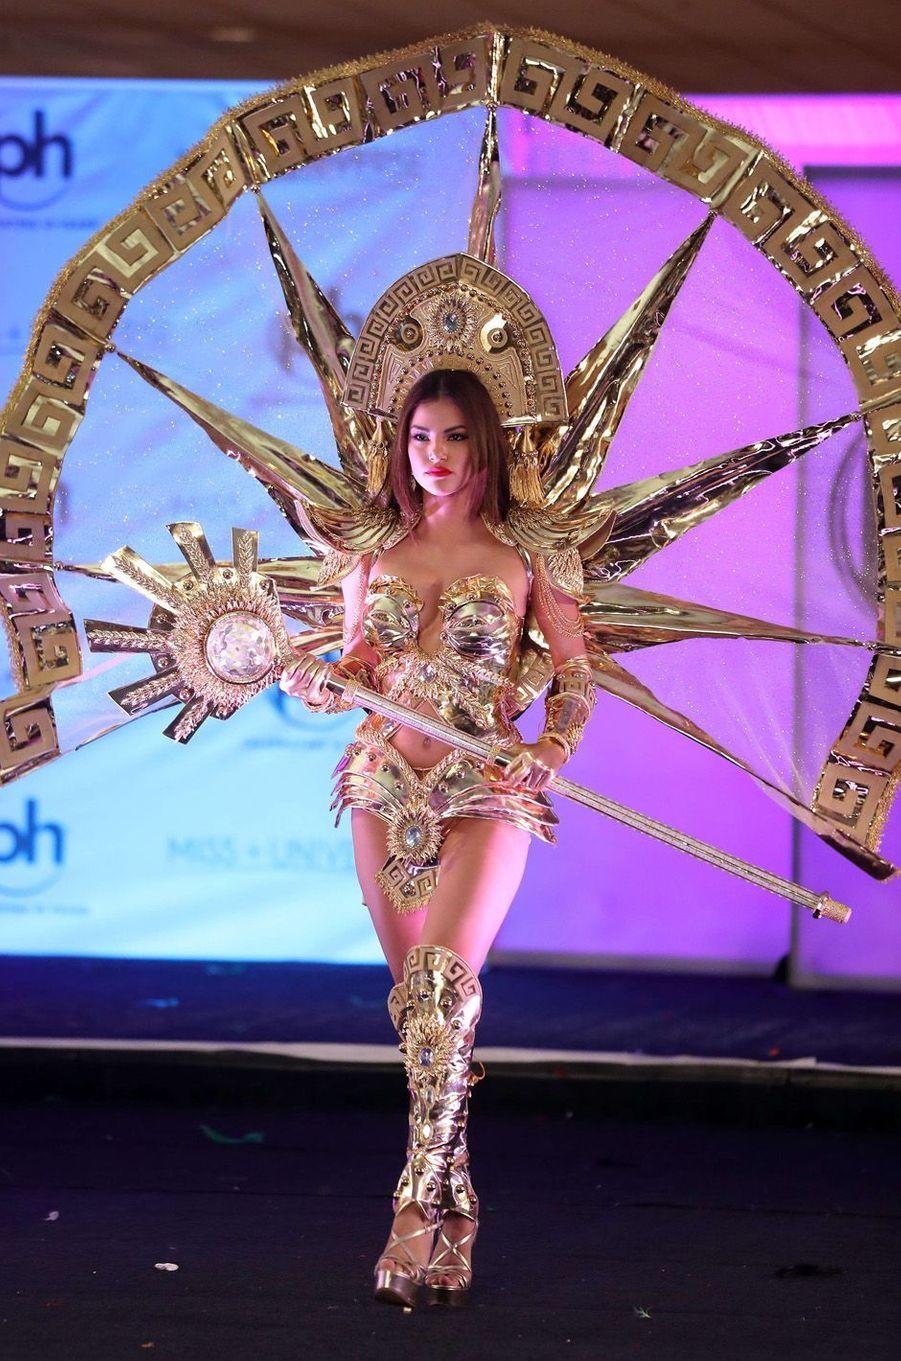 Prissila Howard, Miss Pérou,en costume national pour le concours Miss Univers, le 18 novembre 2017 à Las Vegas.